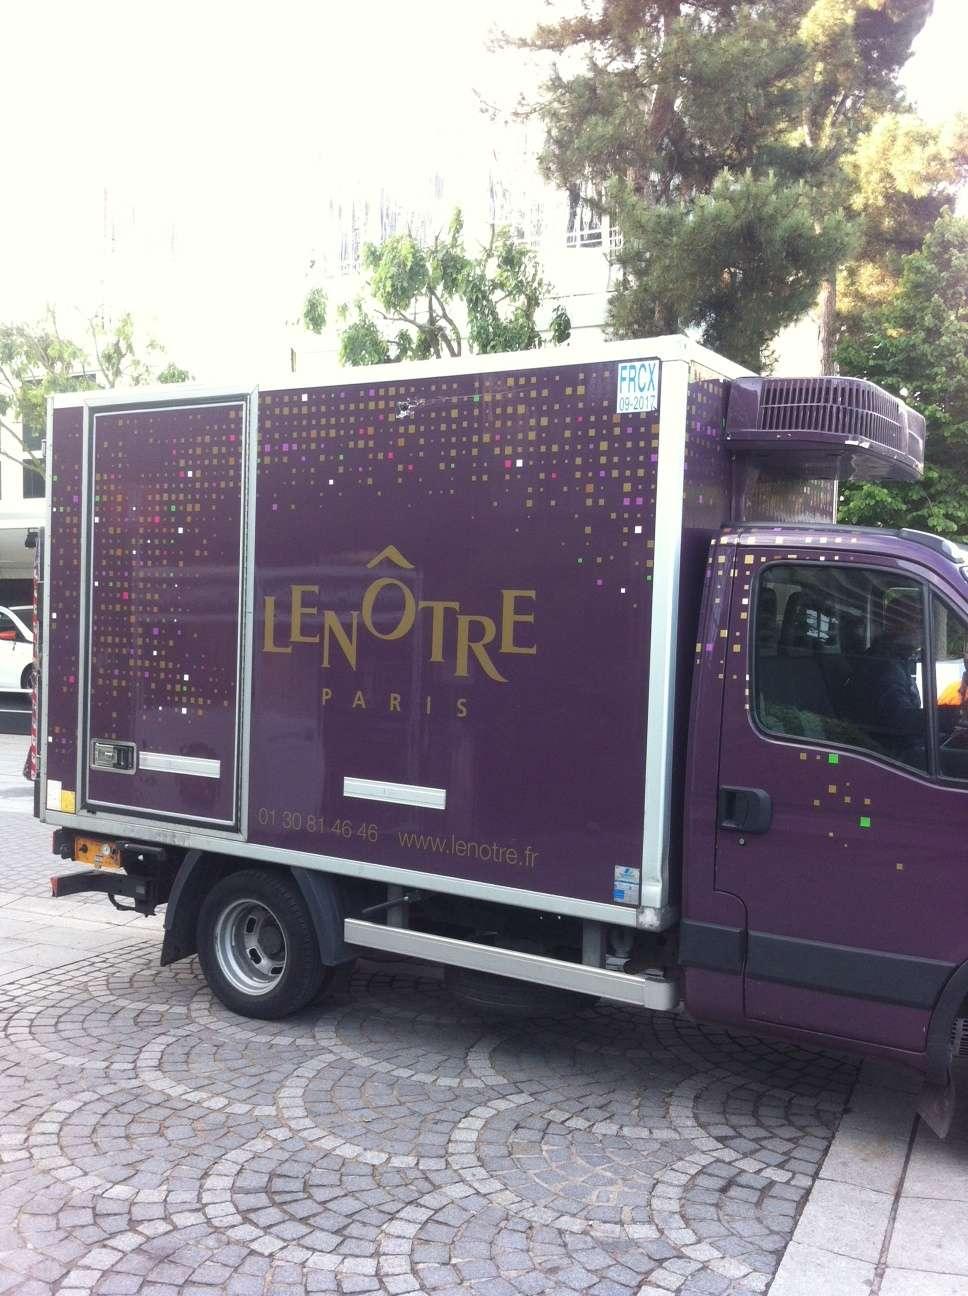 Un camion al firmei Lenôtre, unul dintre cei 4 prestatari gastronomici de la Roland Garros